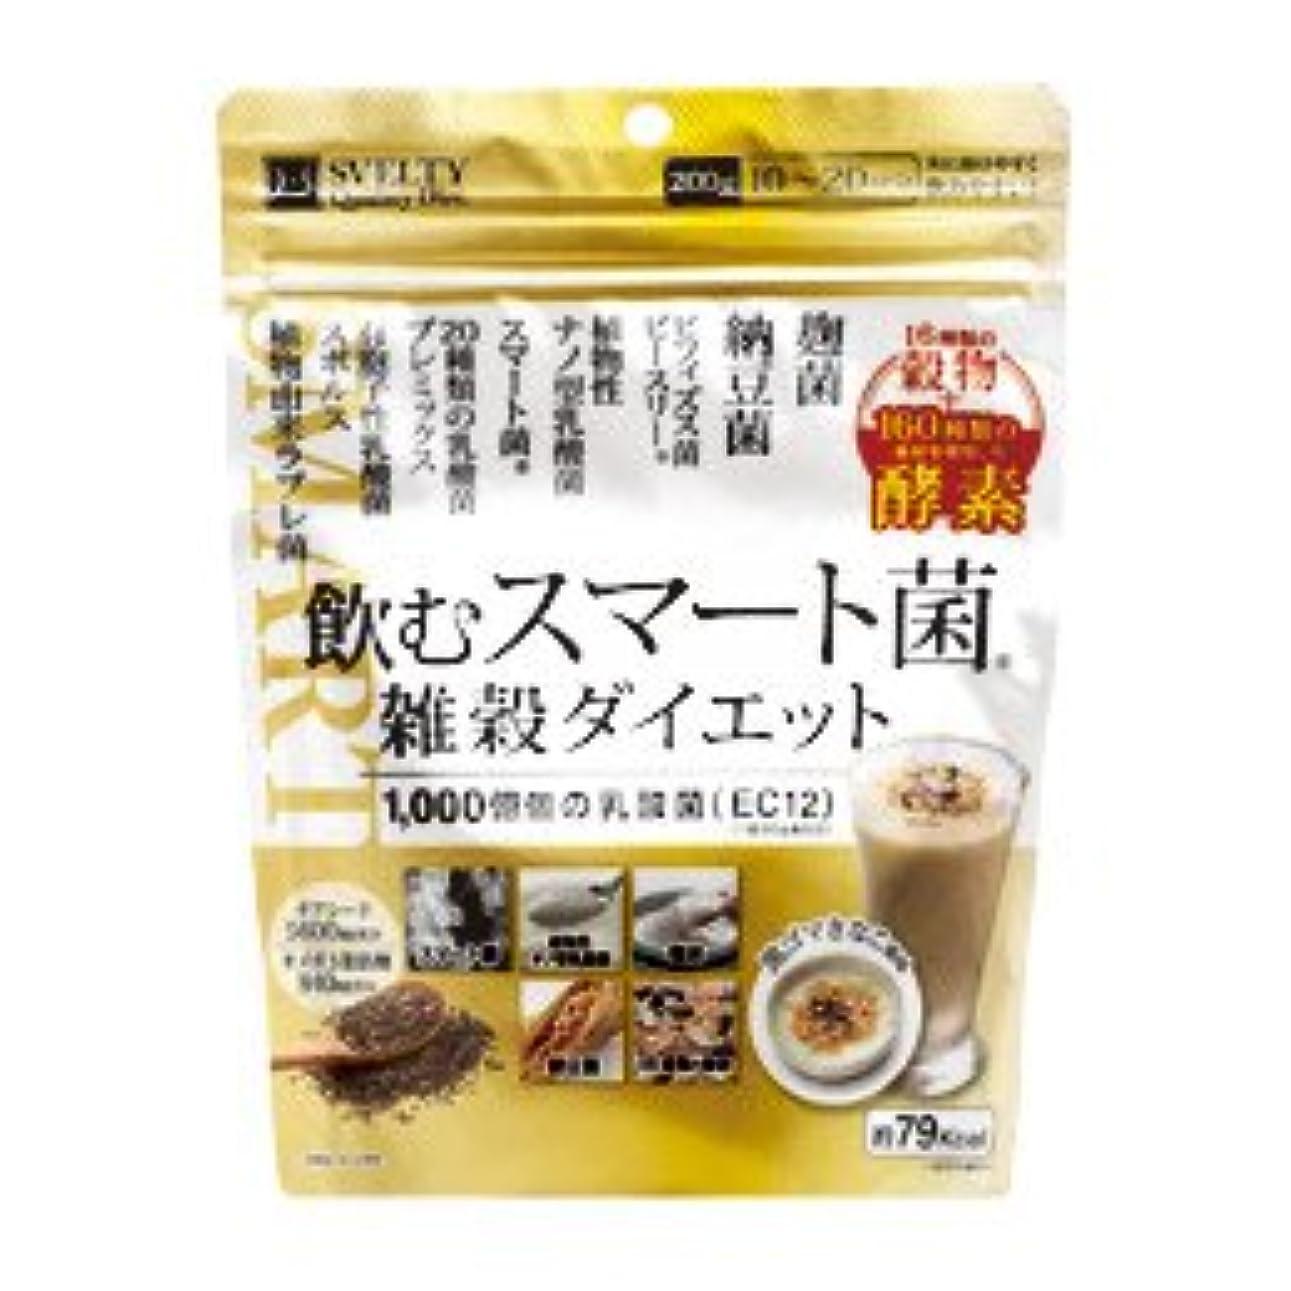 トーストモンクパートナーイムノス 飲むスマート菌 雑穀ダイエット 200g×36個